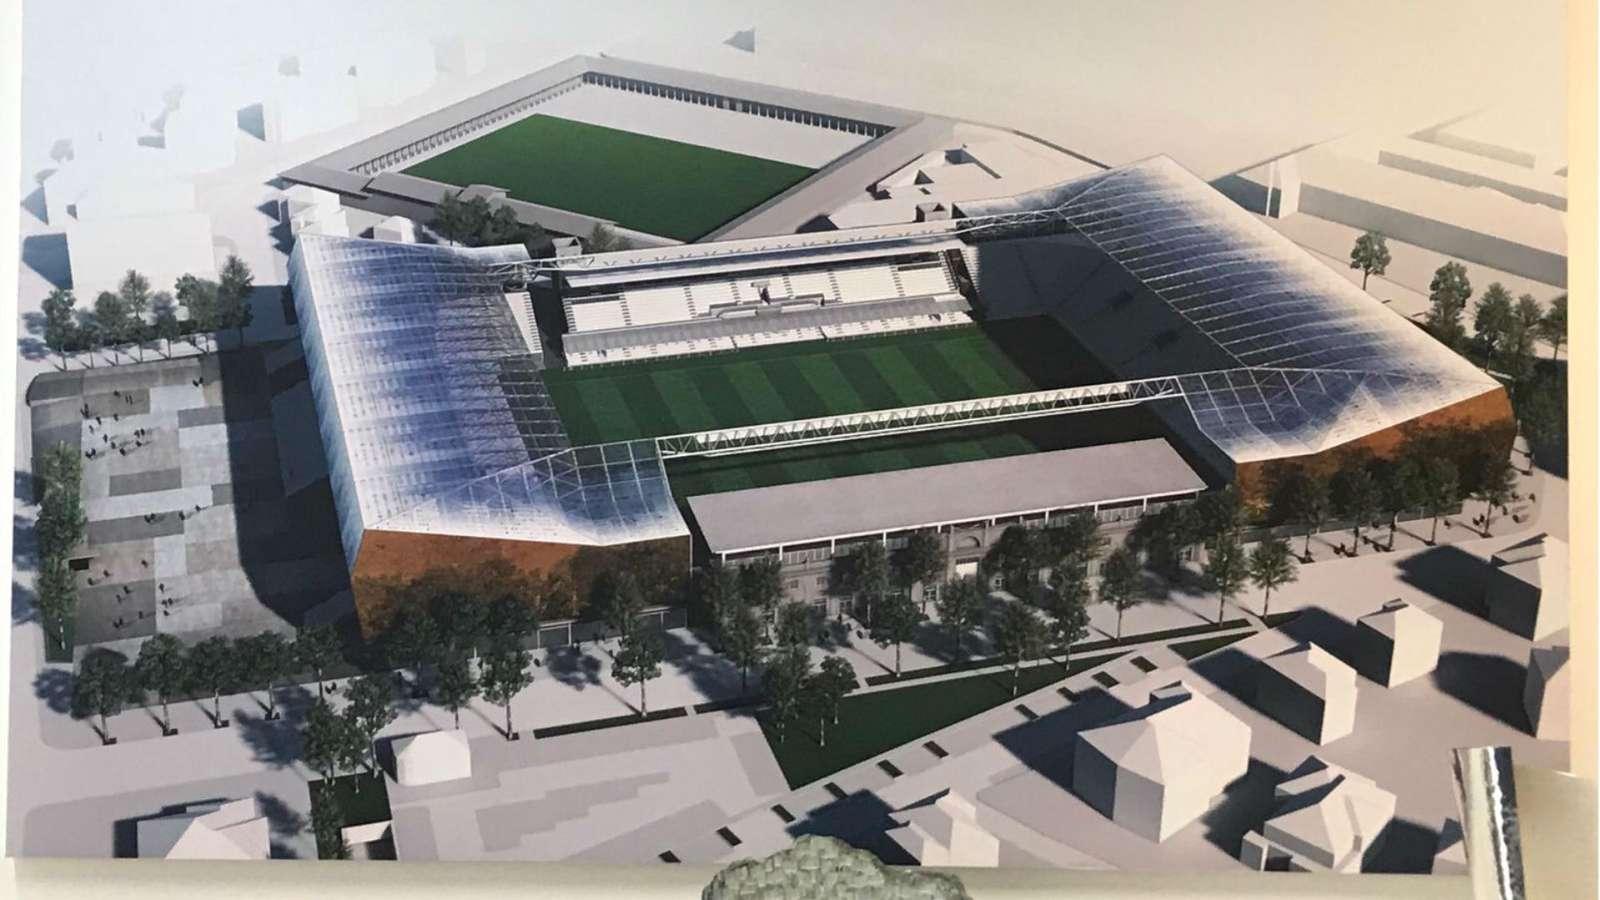 stadio-atalanta_1k0iqqt6l8b7b1a5oi3qb1ng